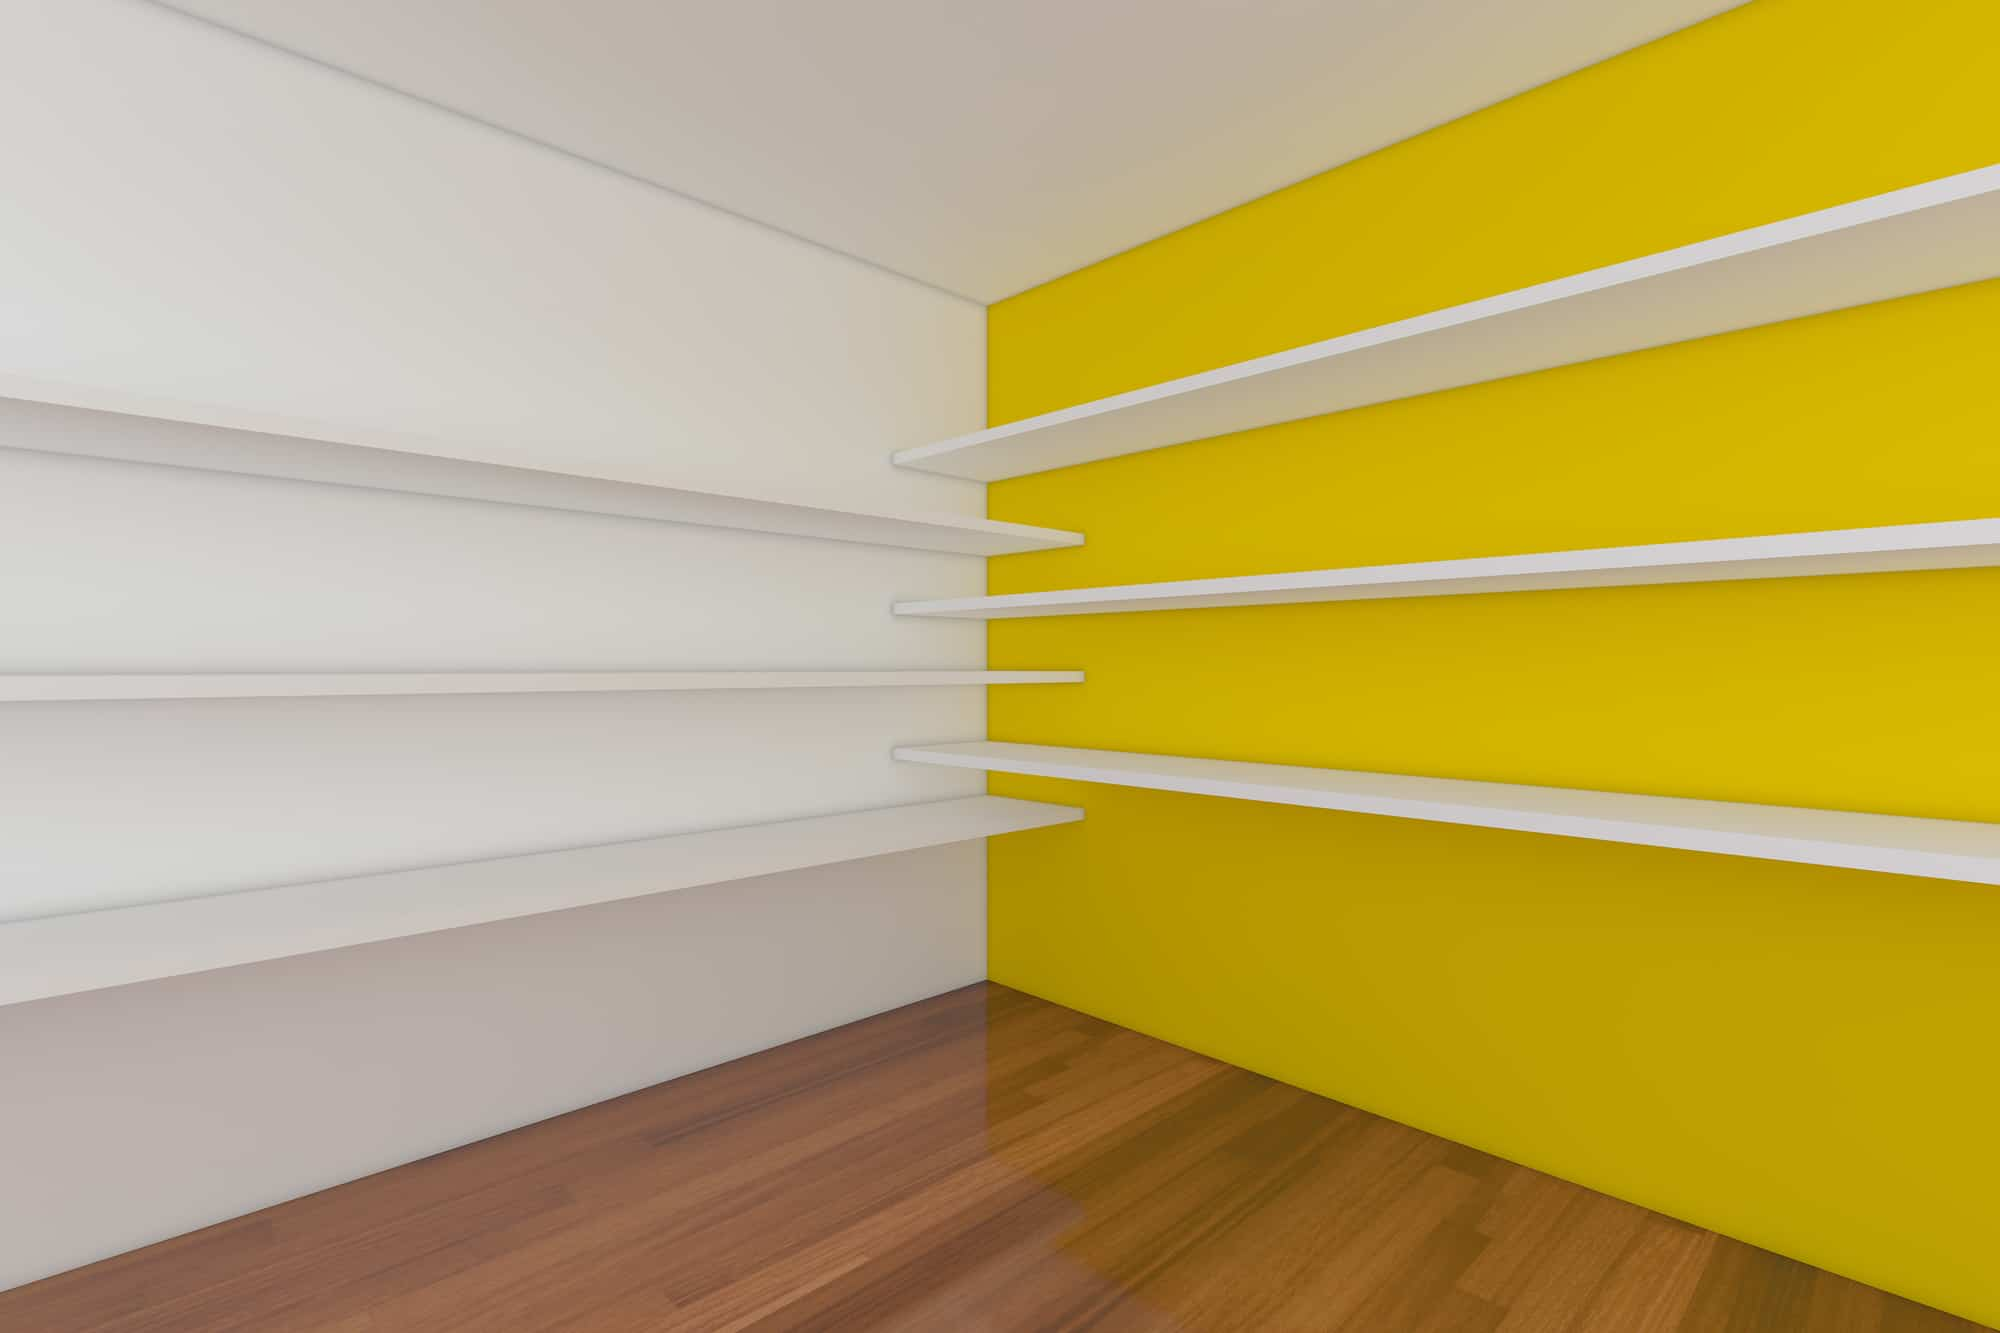 wall-shelves